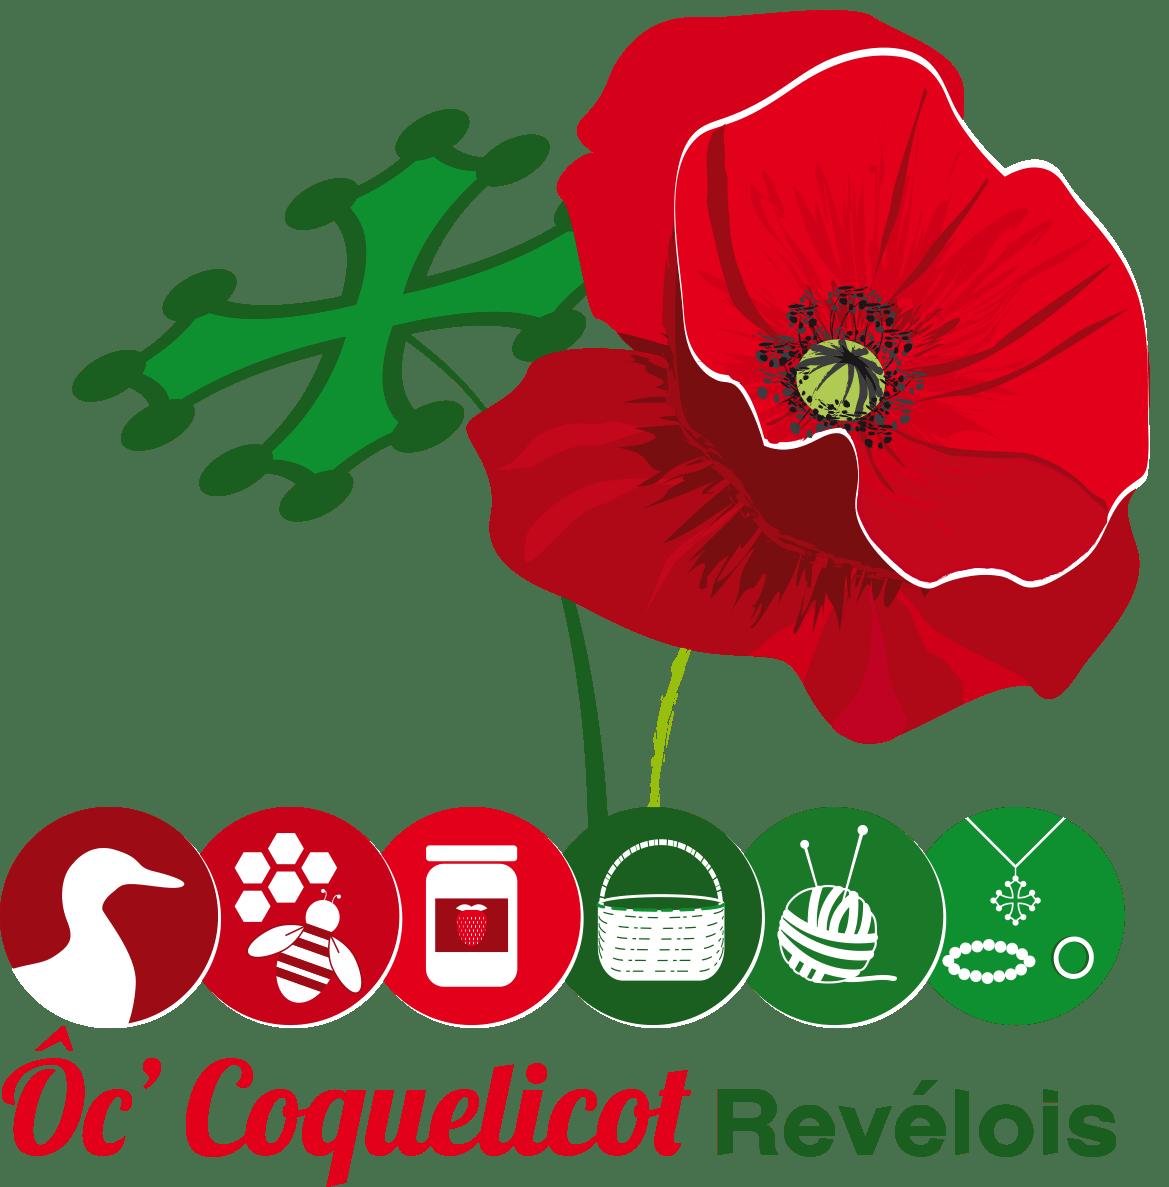 Ôc' Coquelicot Revélois